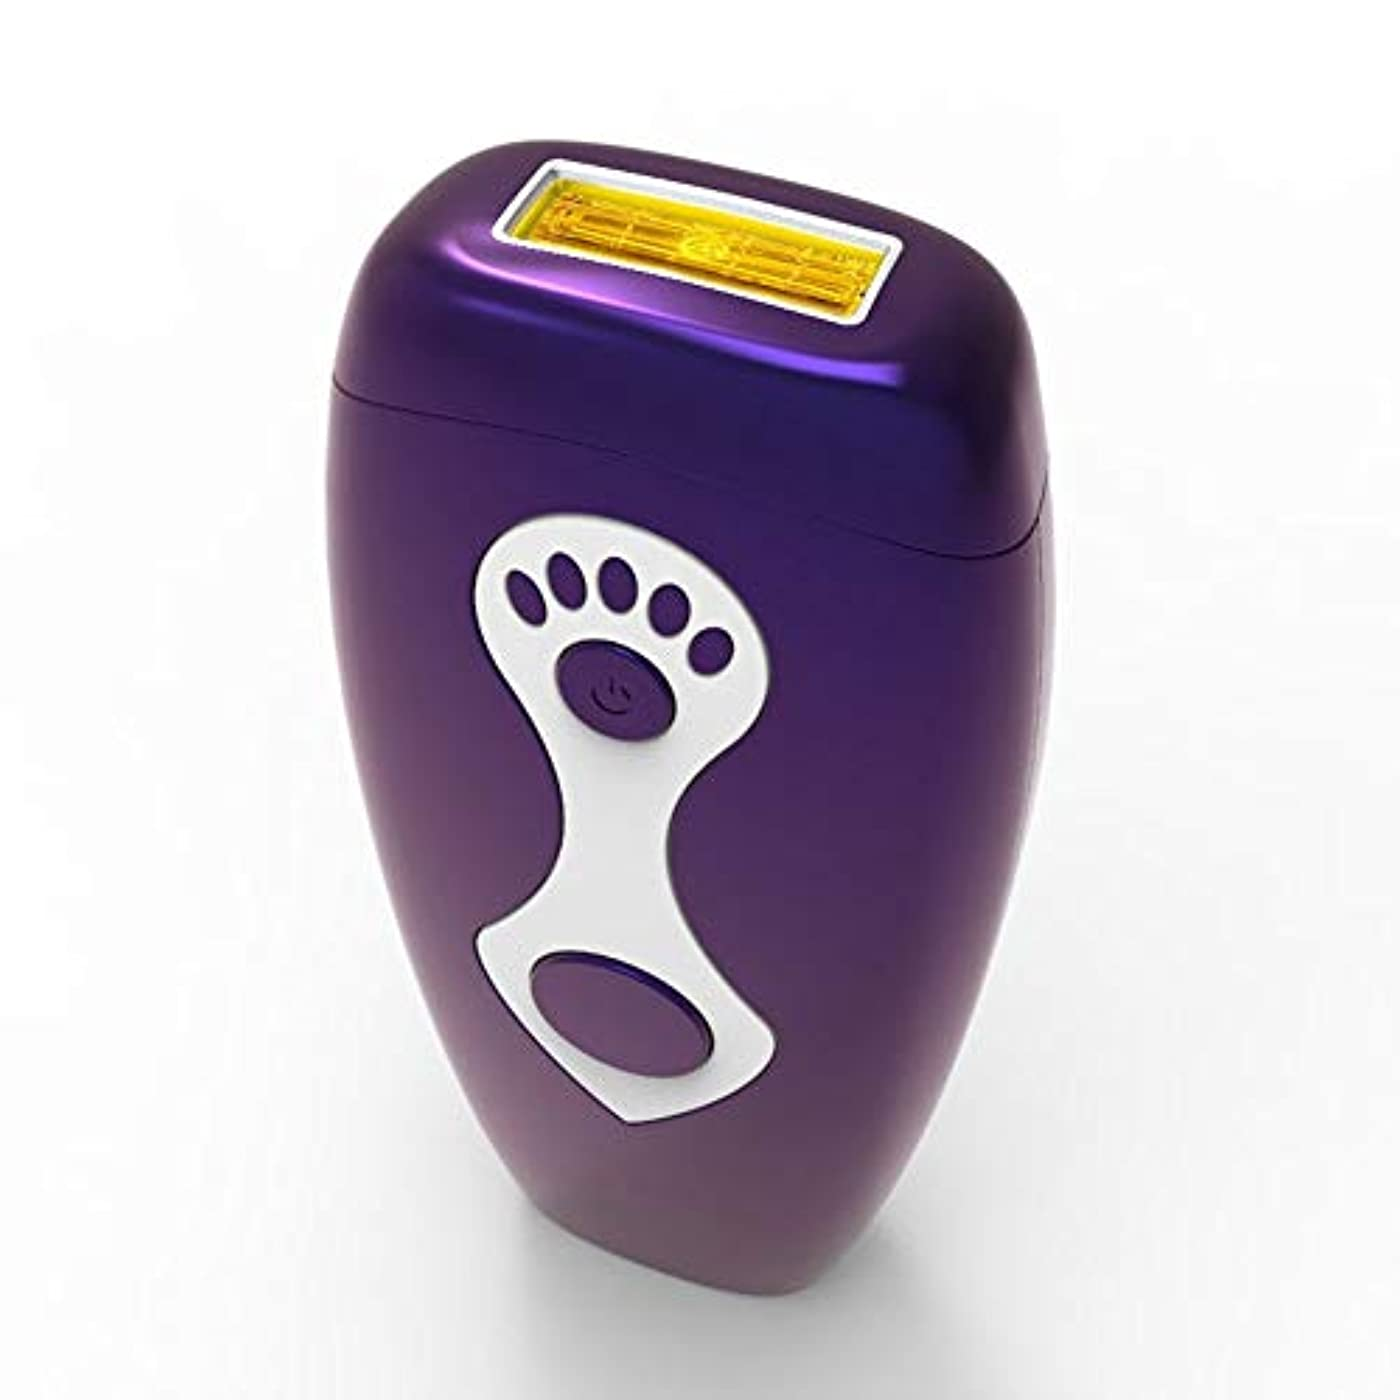 団結するトリクルバルクNuanxin パーマネント脱毛、家庭用ニュートラルヘアリムーバー、柔らかい肌、マルチ運動エネルギー、安全性、グレード5無料調整、サイズ7.5×16.5 Cm F30 (Color : Purple)